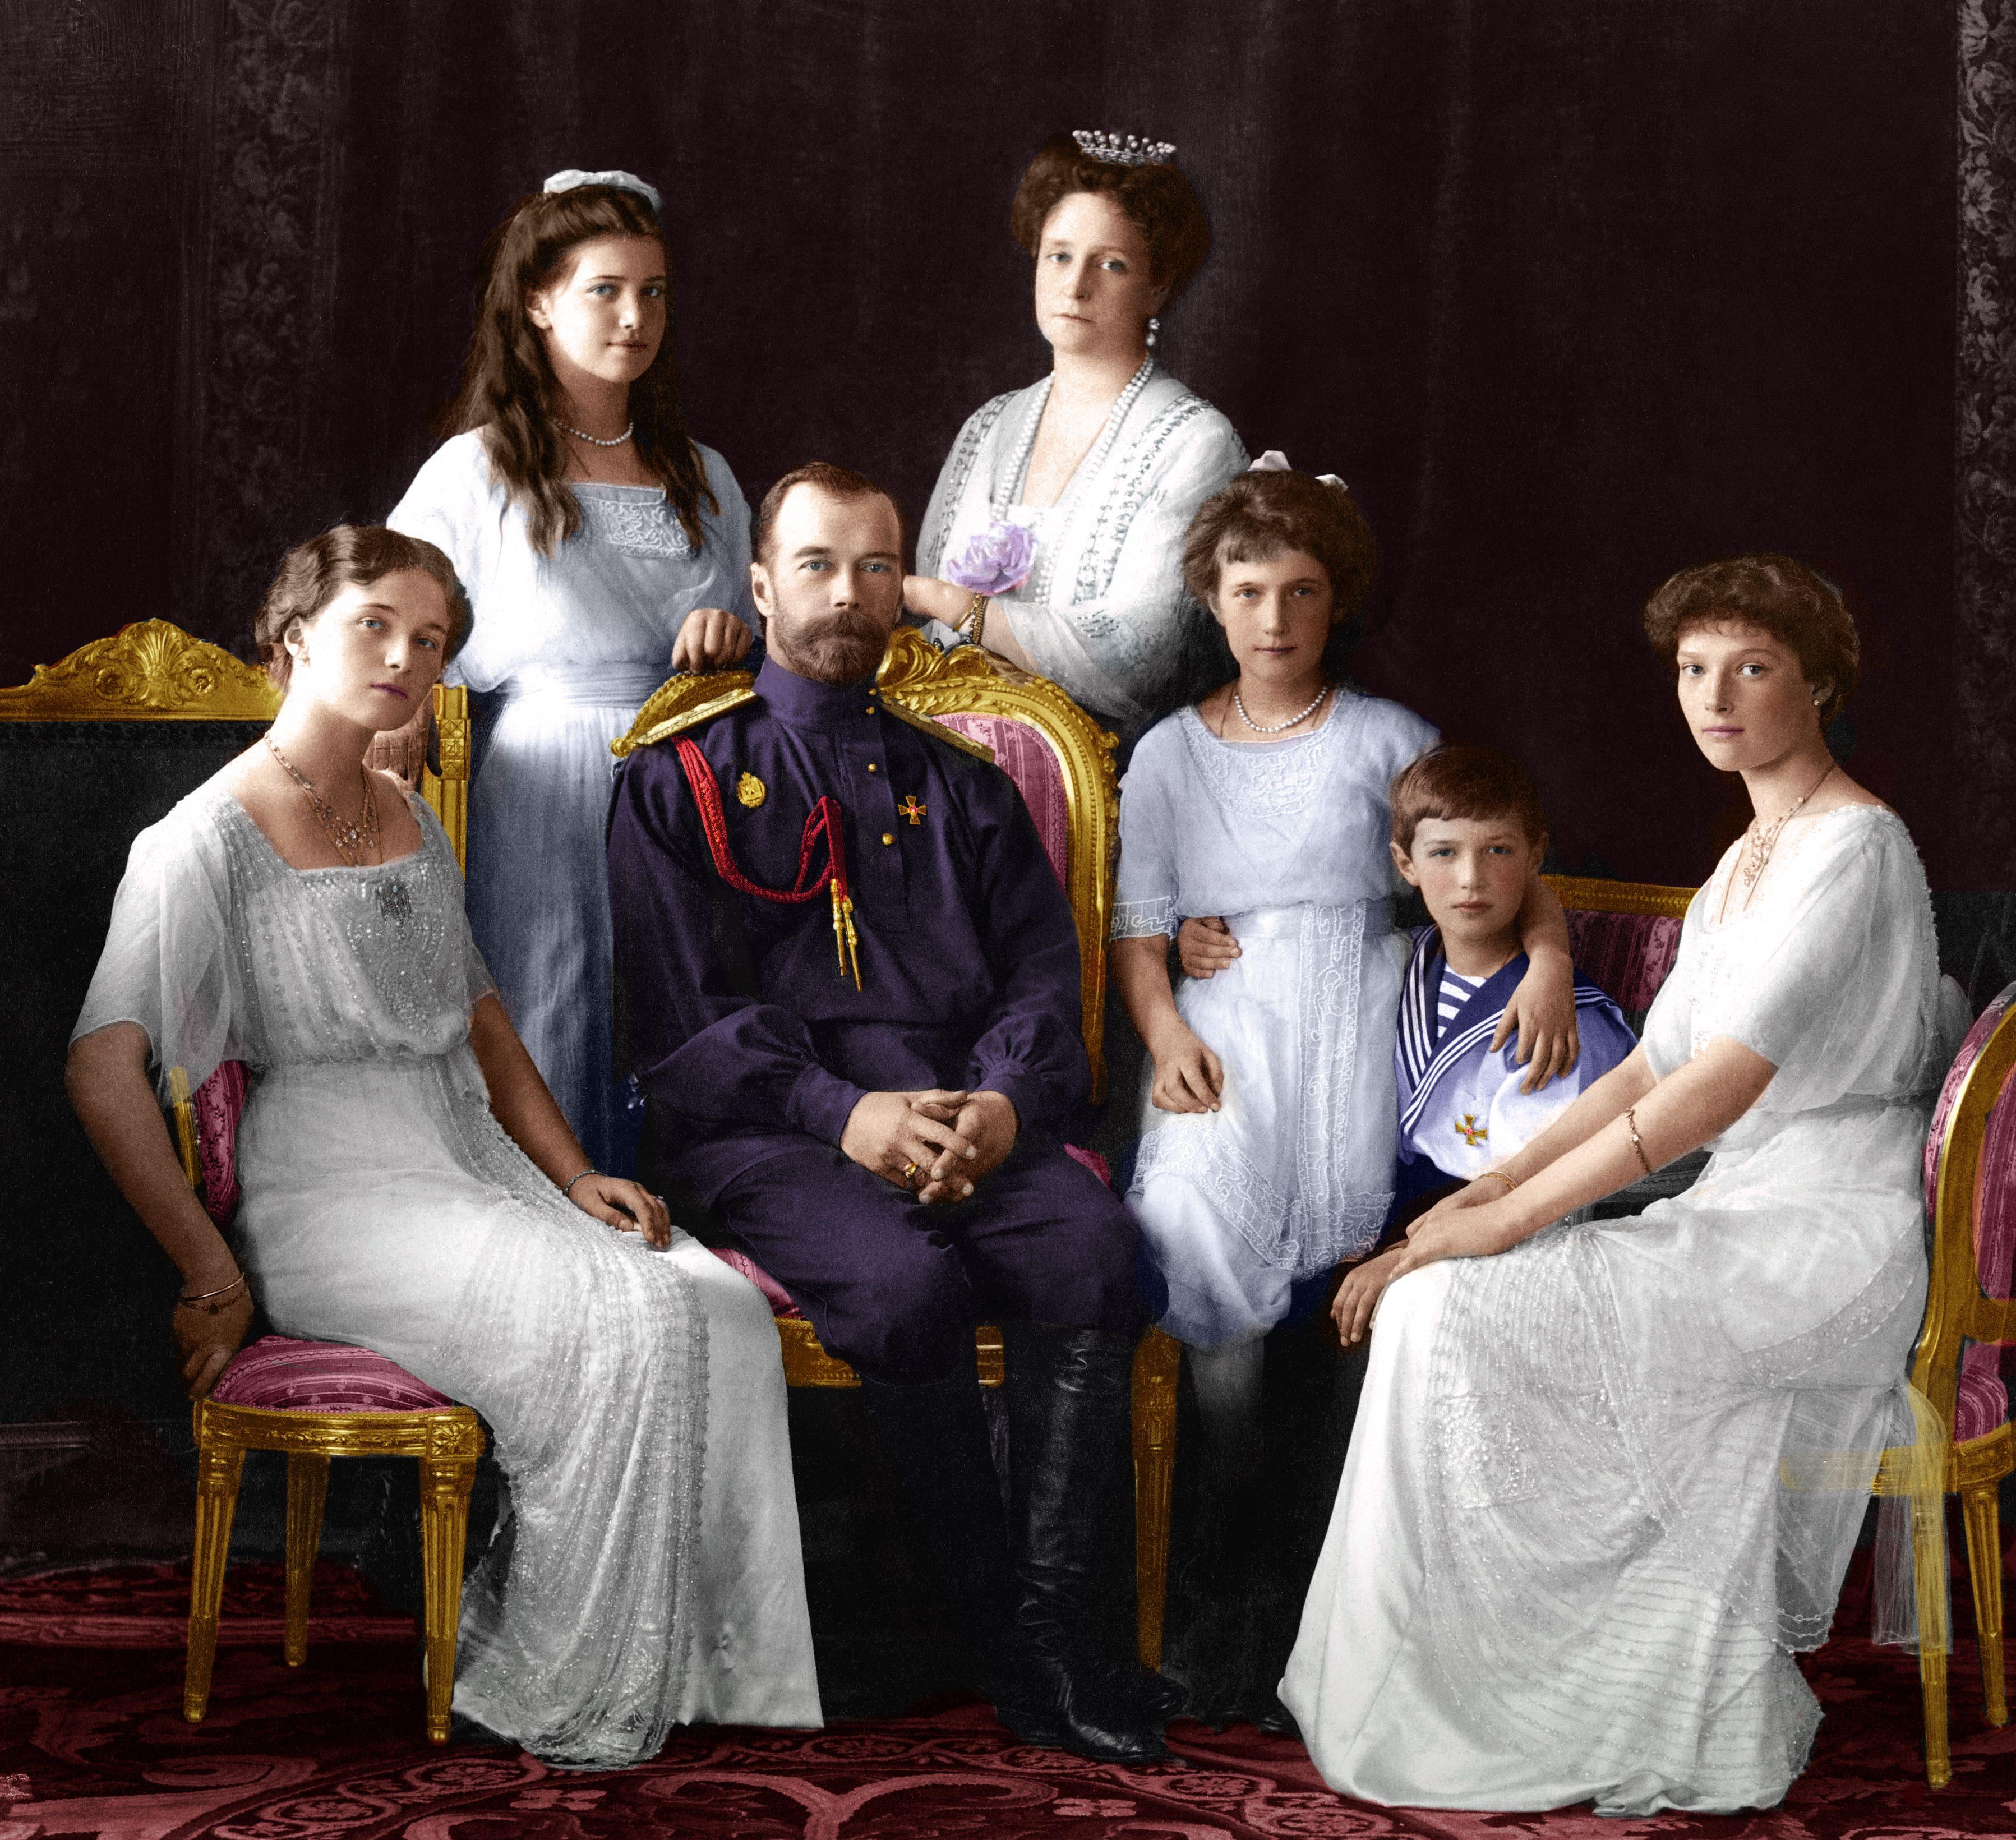 Царская семья фотографии в цвете в хорошем качестве